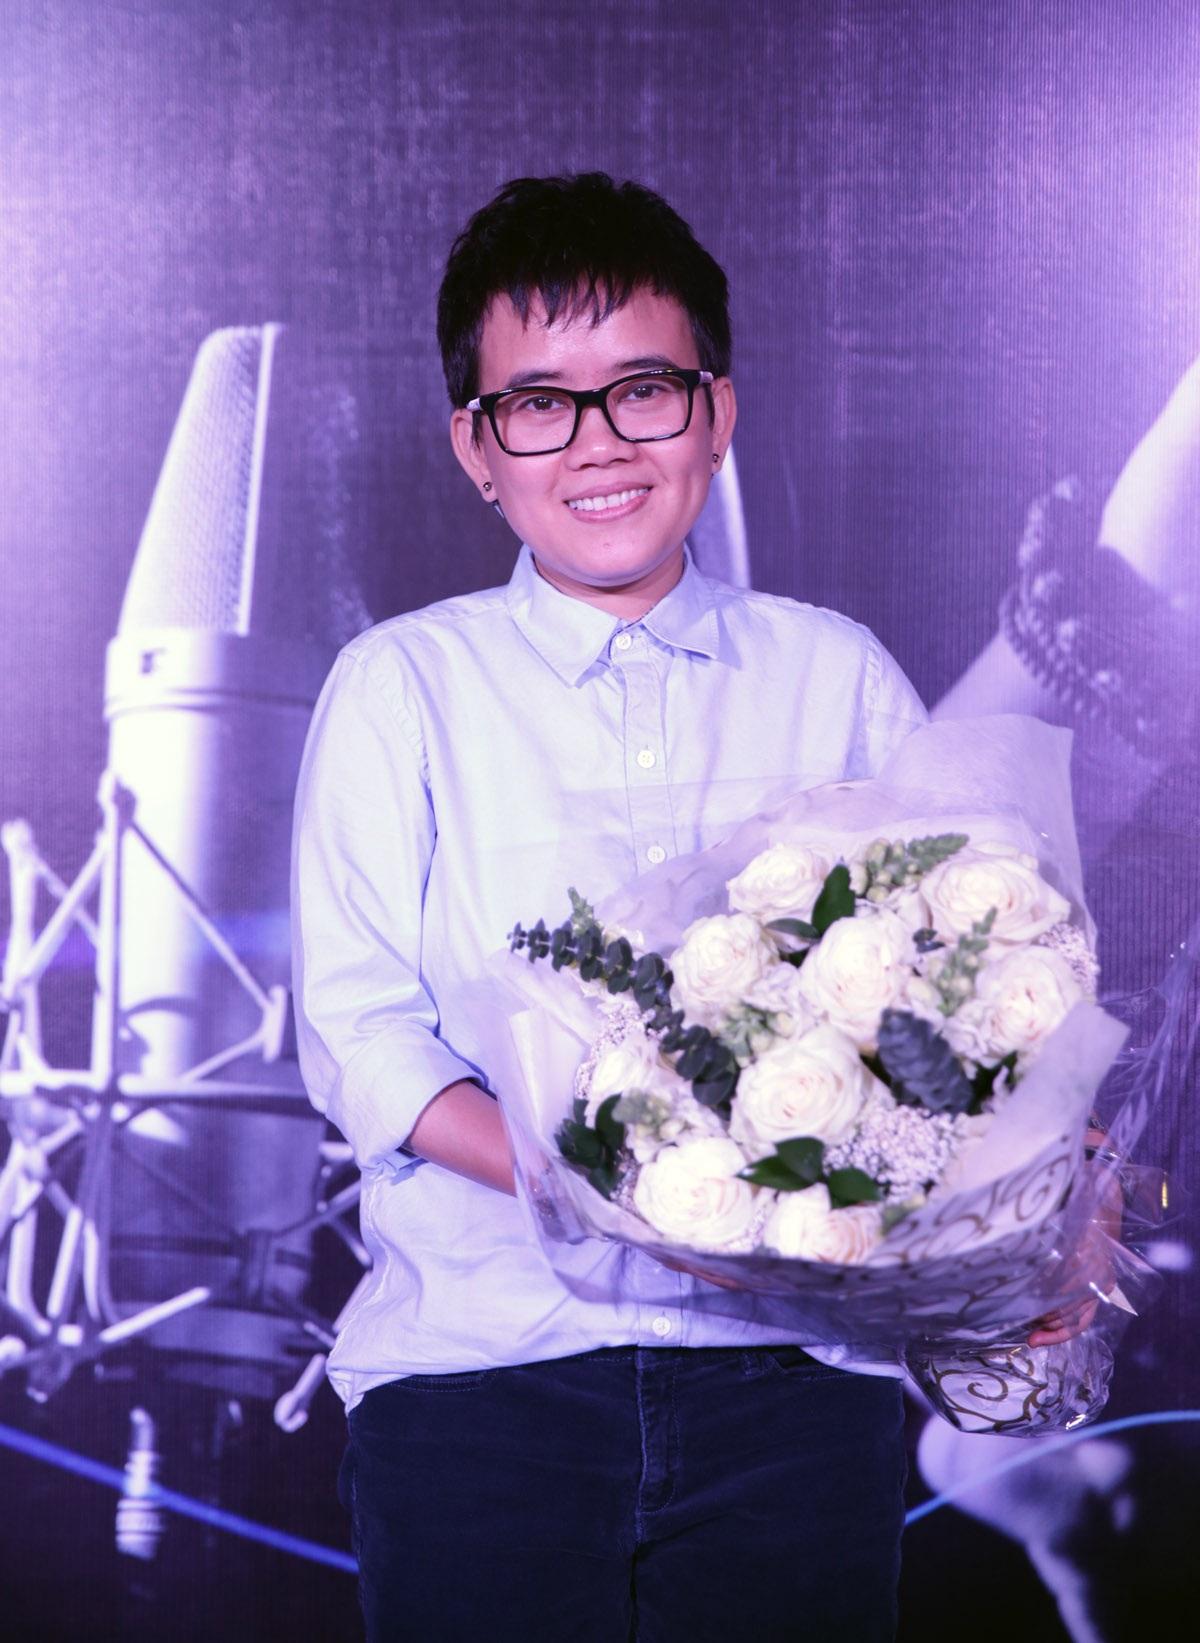 Nhạc sĩ Phương Uyên hạnh phúc khi được hát trong liveshow kỷ niệm 30 năm làm nghề